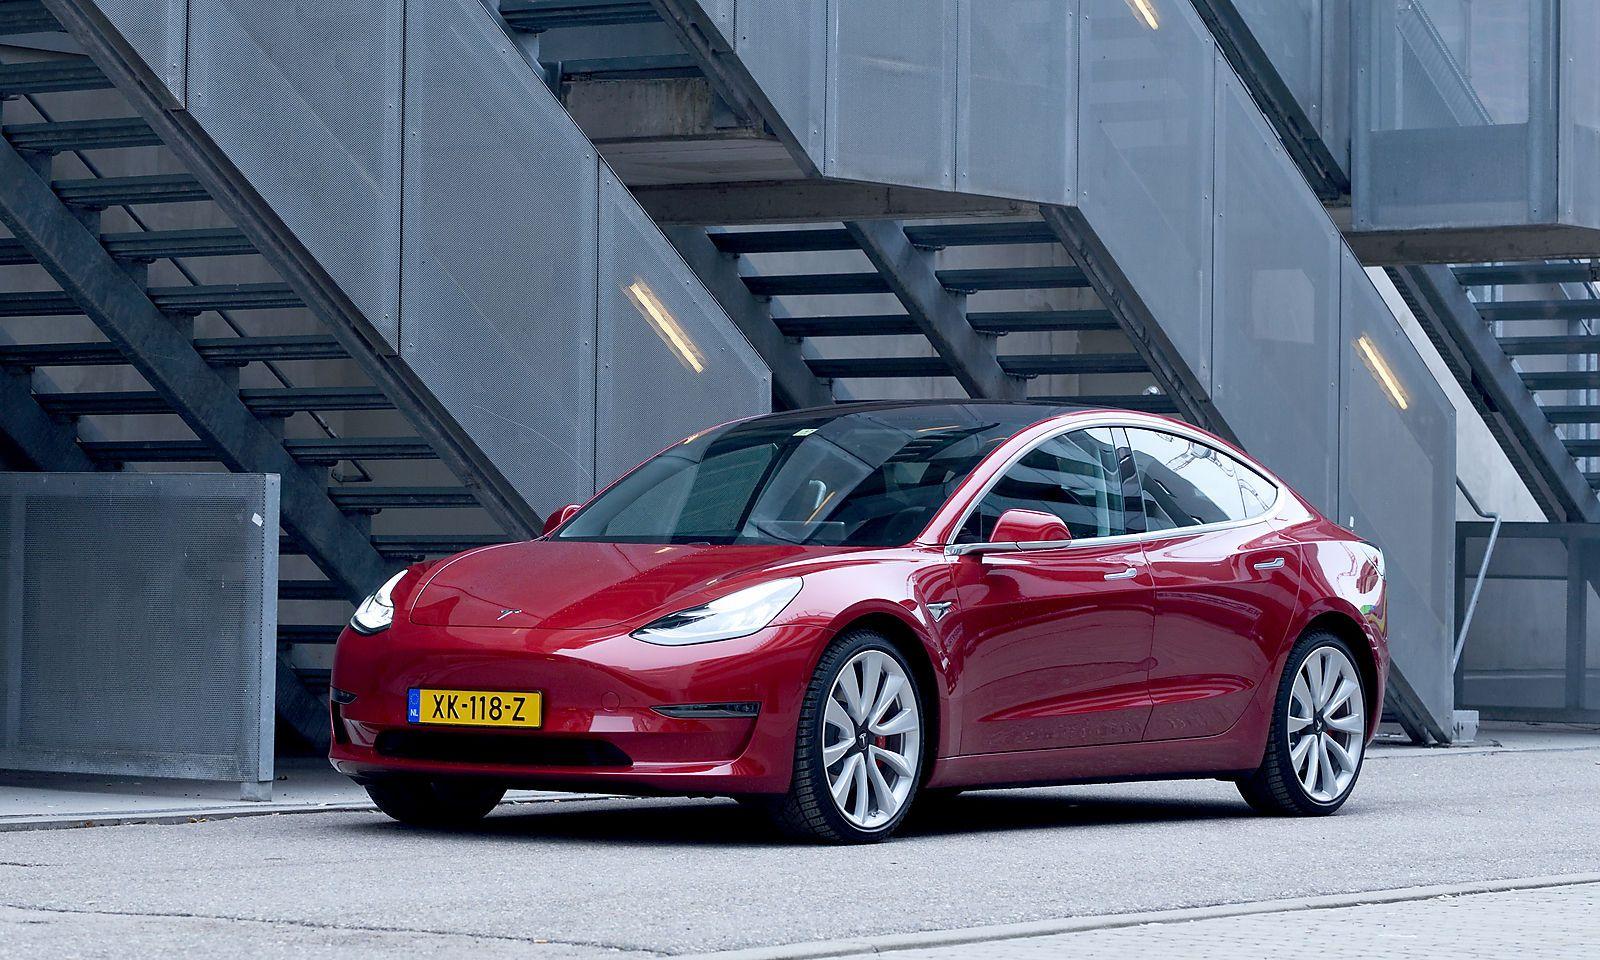 Der Tesla in Rot. Zu bekommen ist das Model 3 in Schwarz (Standardfarbe), Grau, Blau, Weiß und Rot. Das Glasdach ist fest verbaut, also kein Schiebedach.